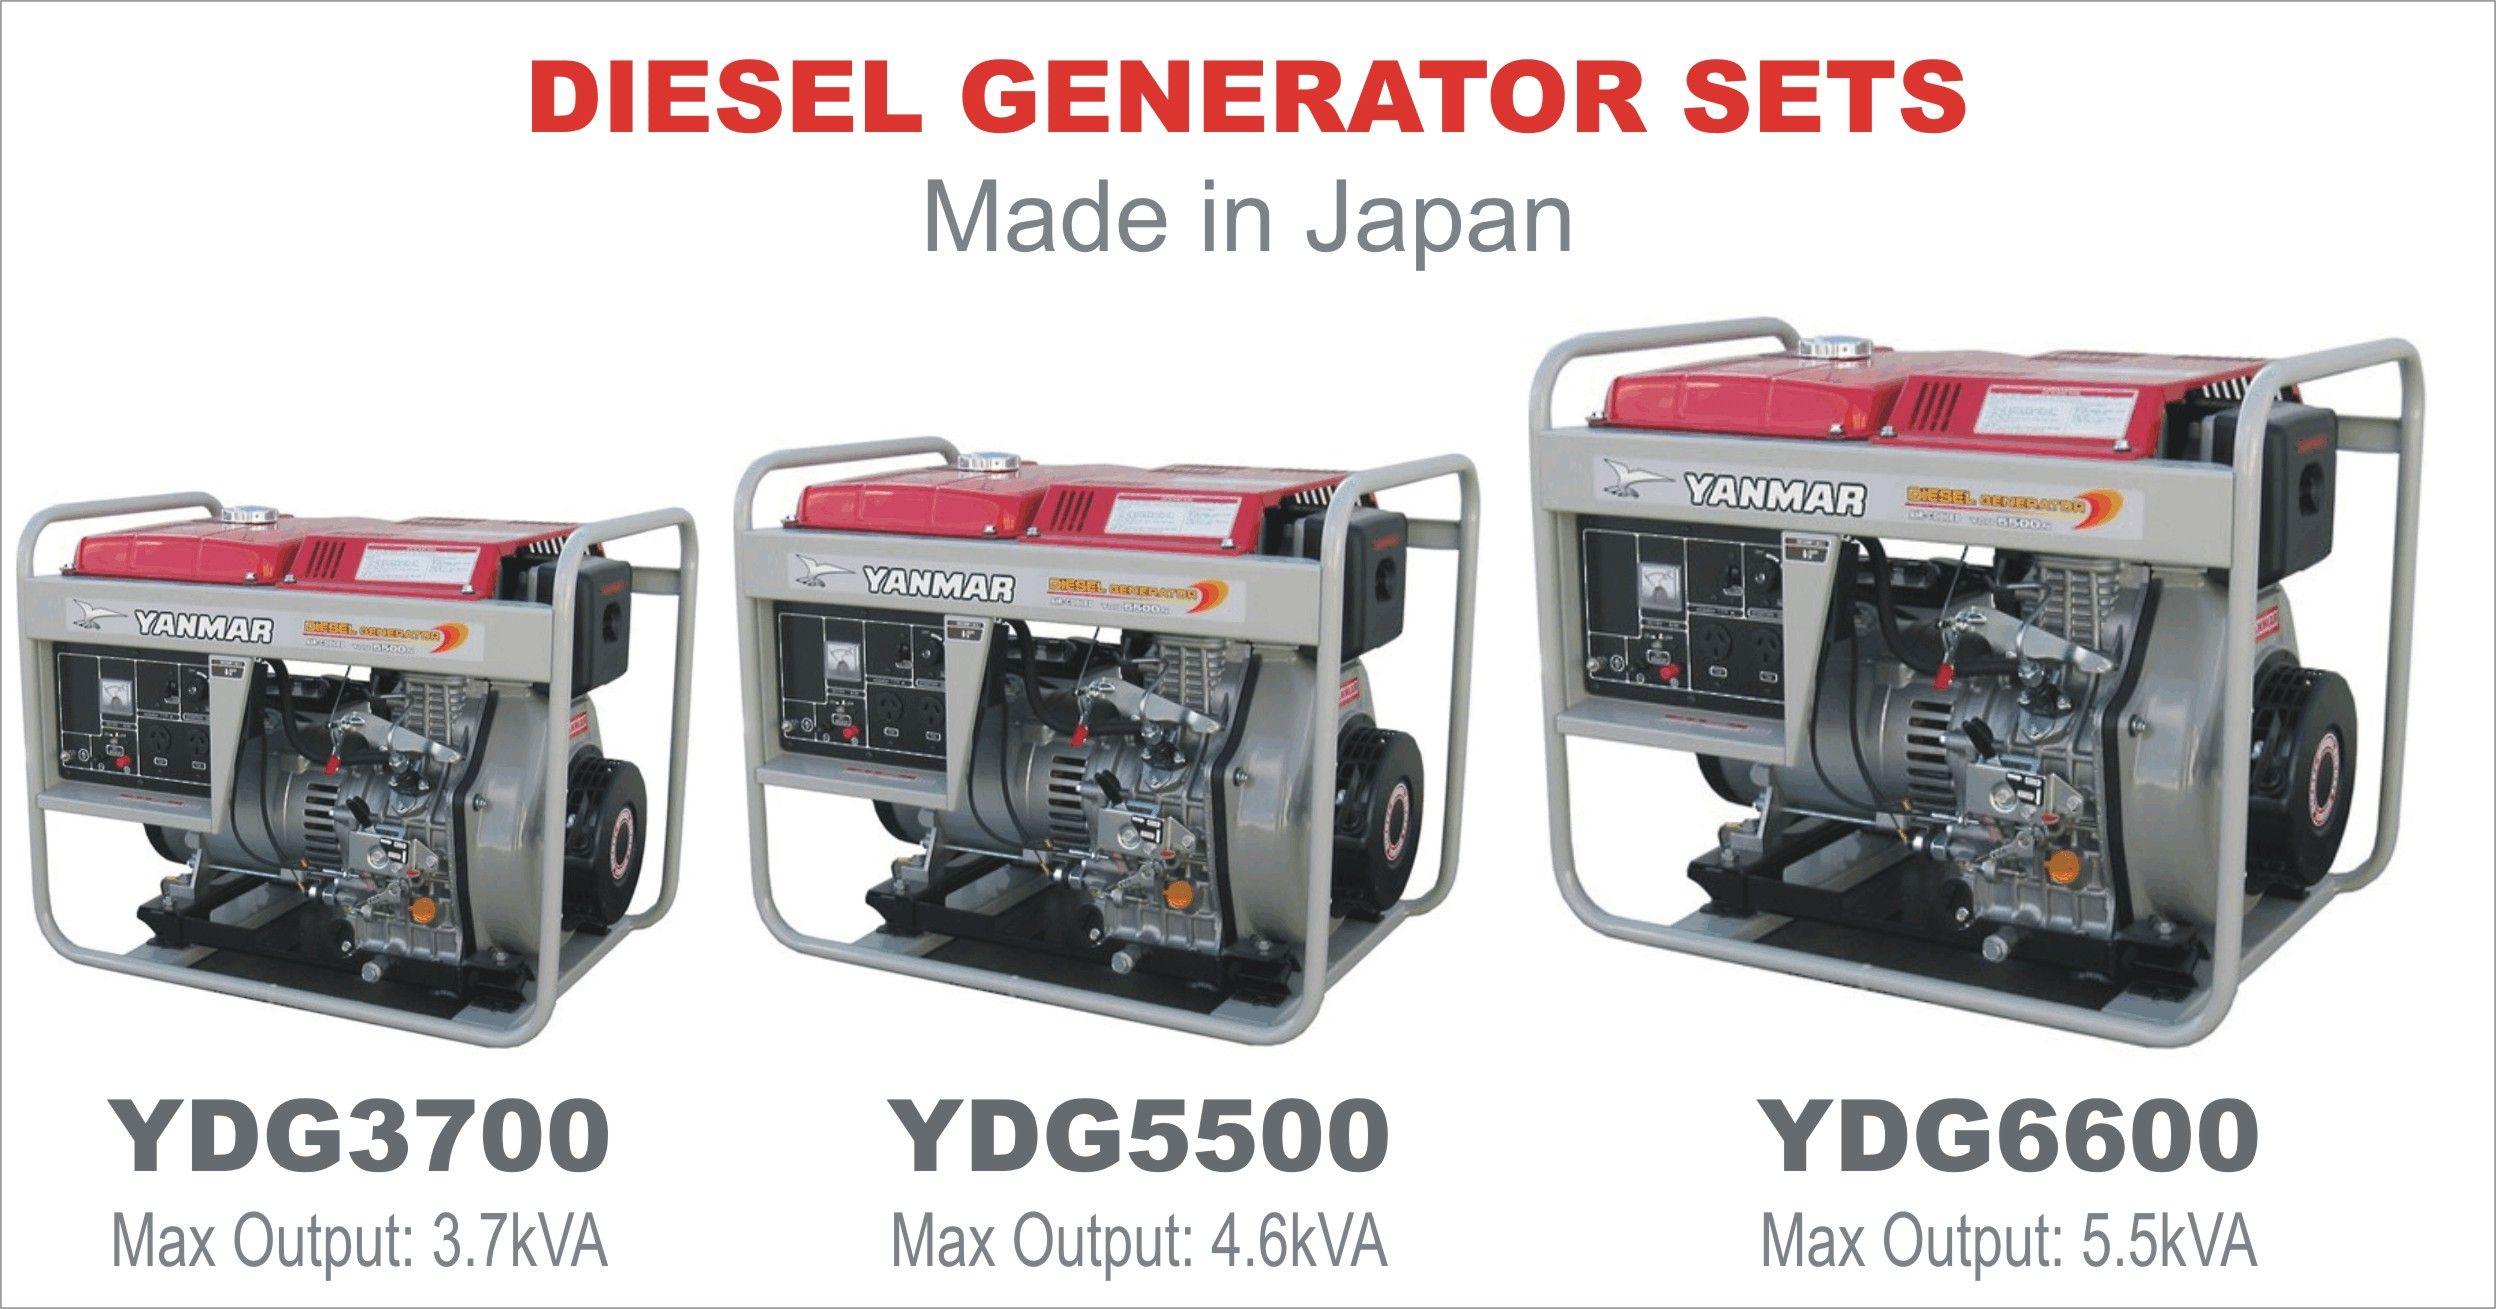 Yanmar brand Made in Japan Diesel Generator sets